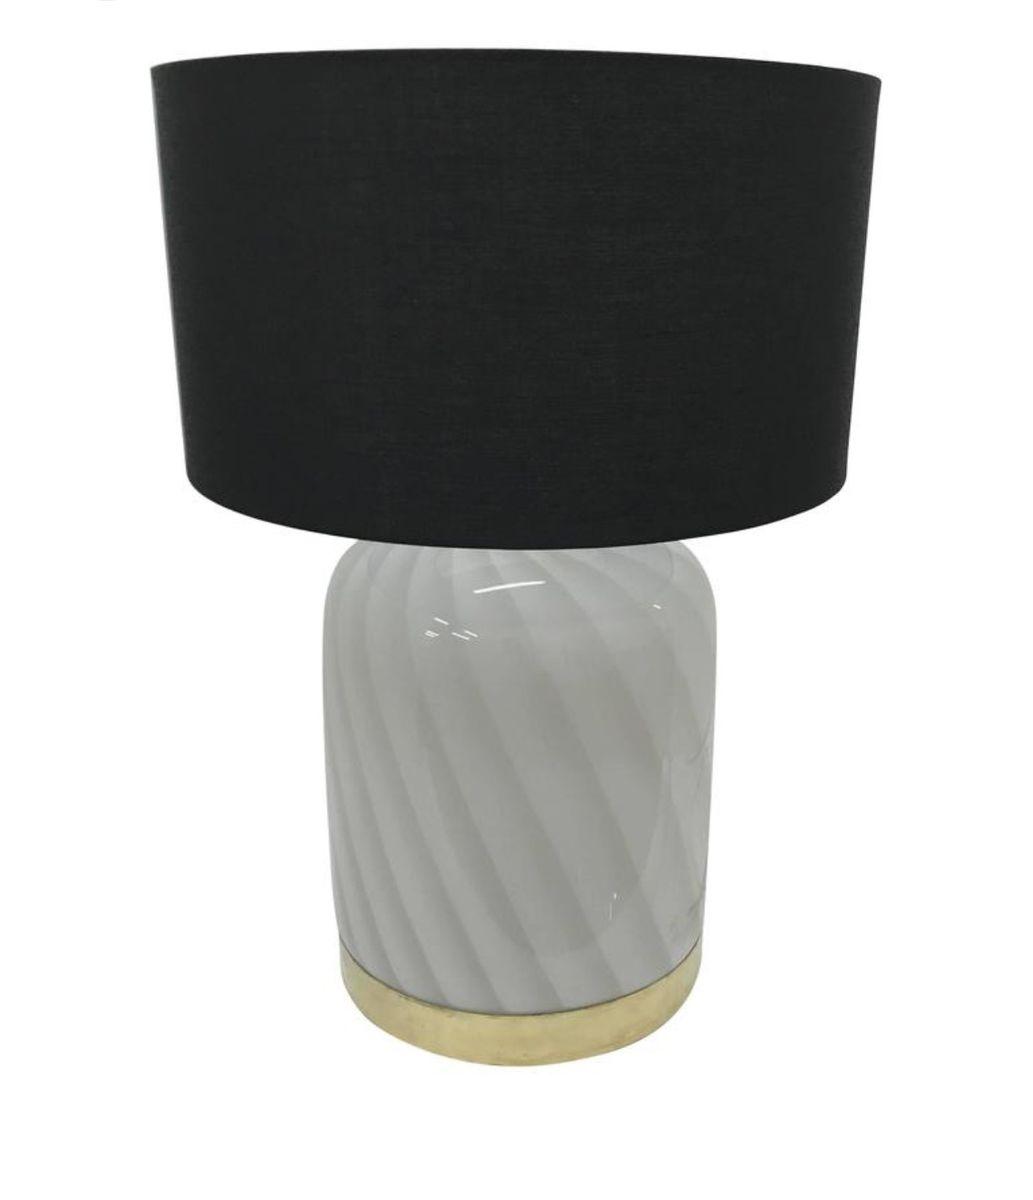 lampe aus murano glas und messing 1970er bei pamono kaufen. Black Bedroom Furniture Sets. Home Design Ideas